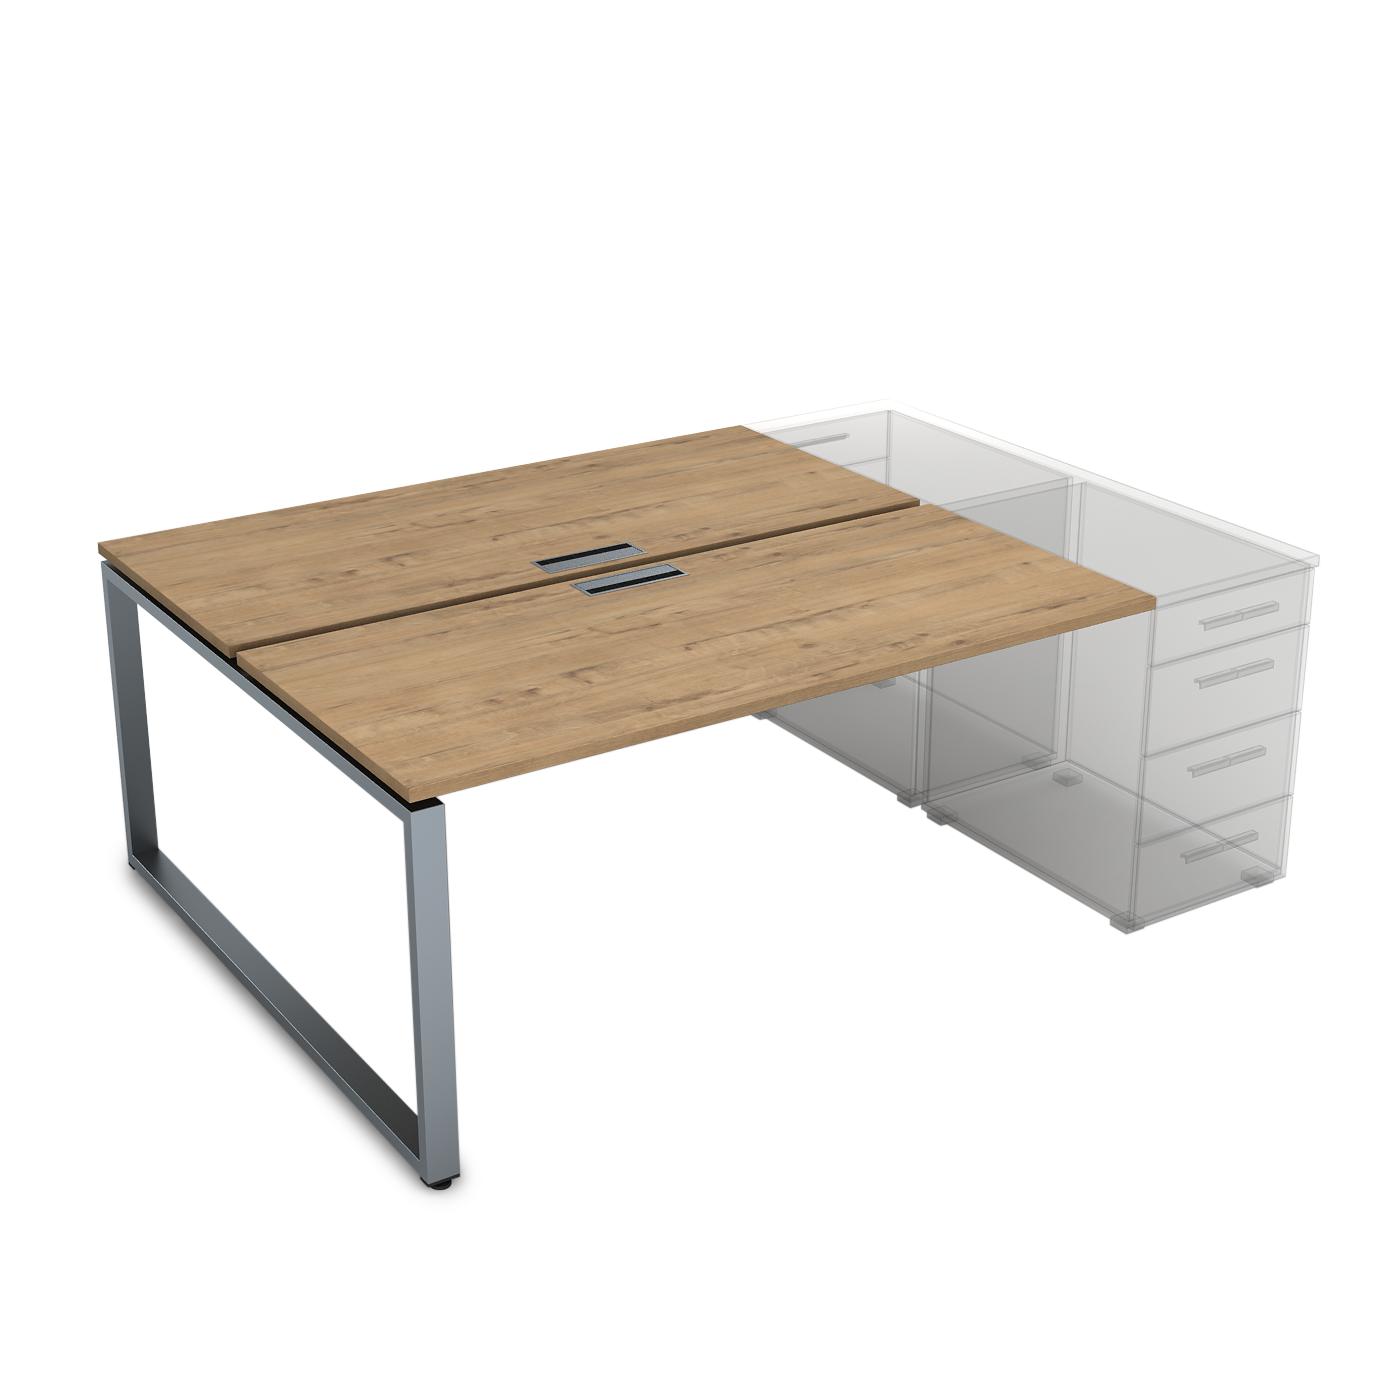 Стол приставной системы Бенч, сдвоенный, на 2 рабочих места 1200х1635х750